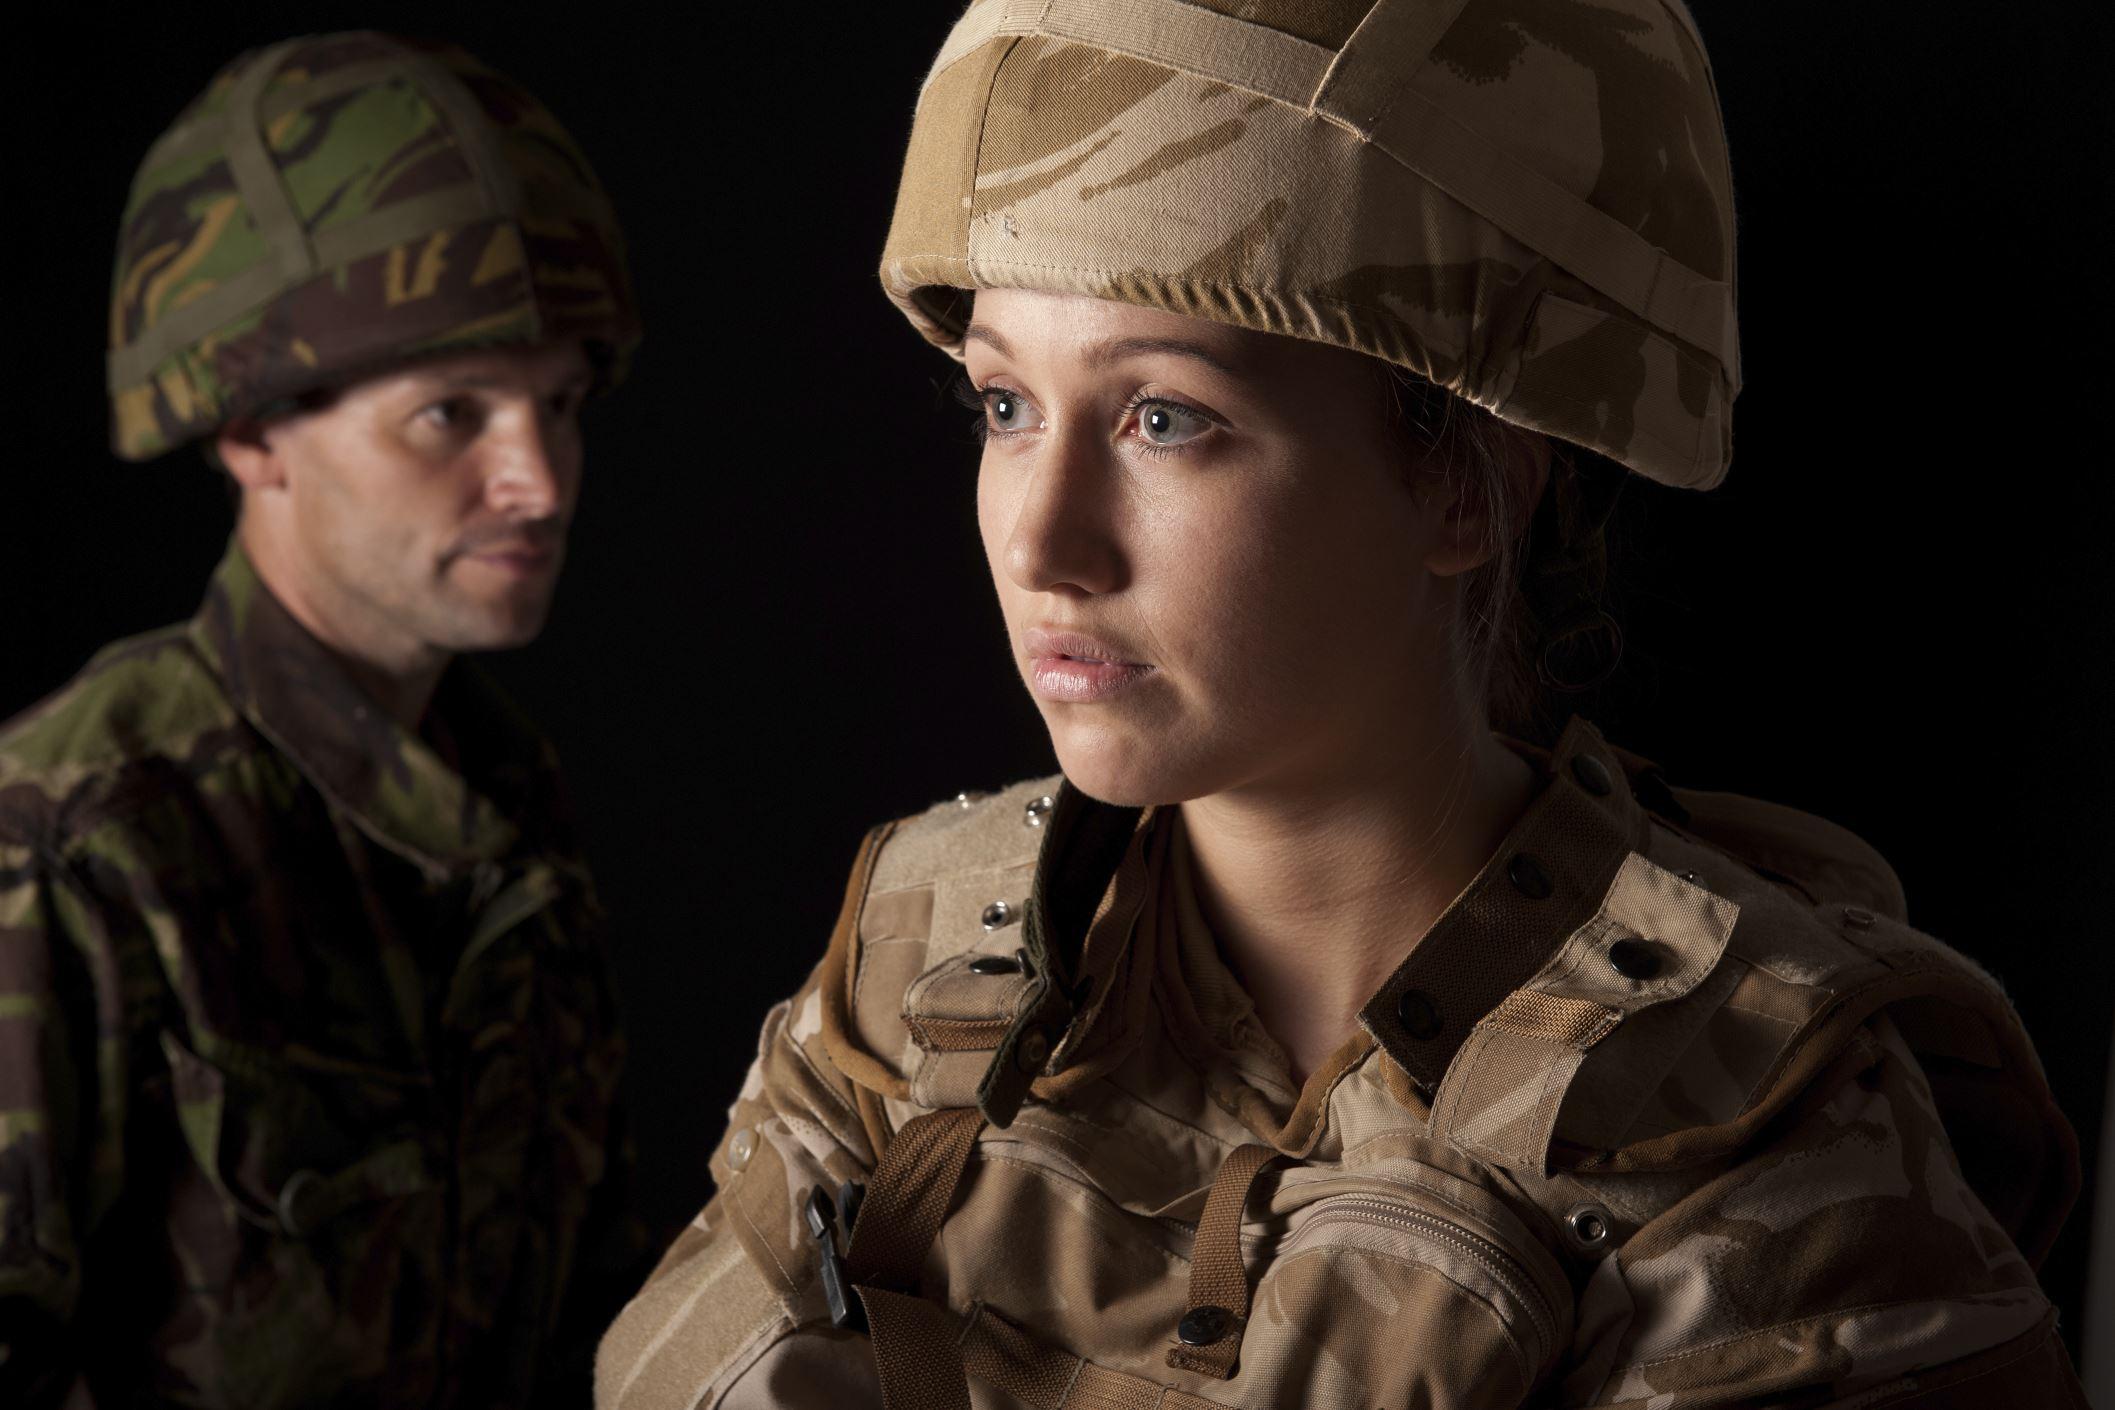 war in iraq argumentative essay